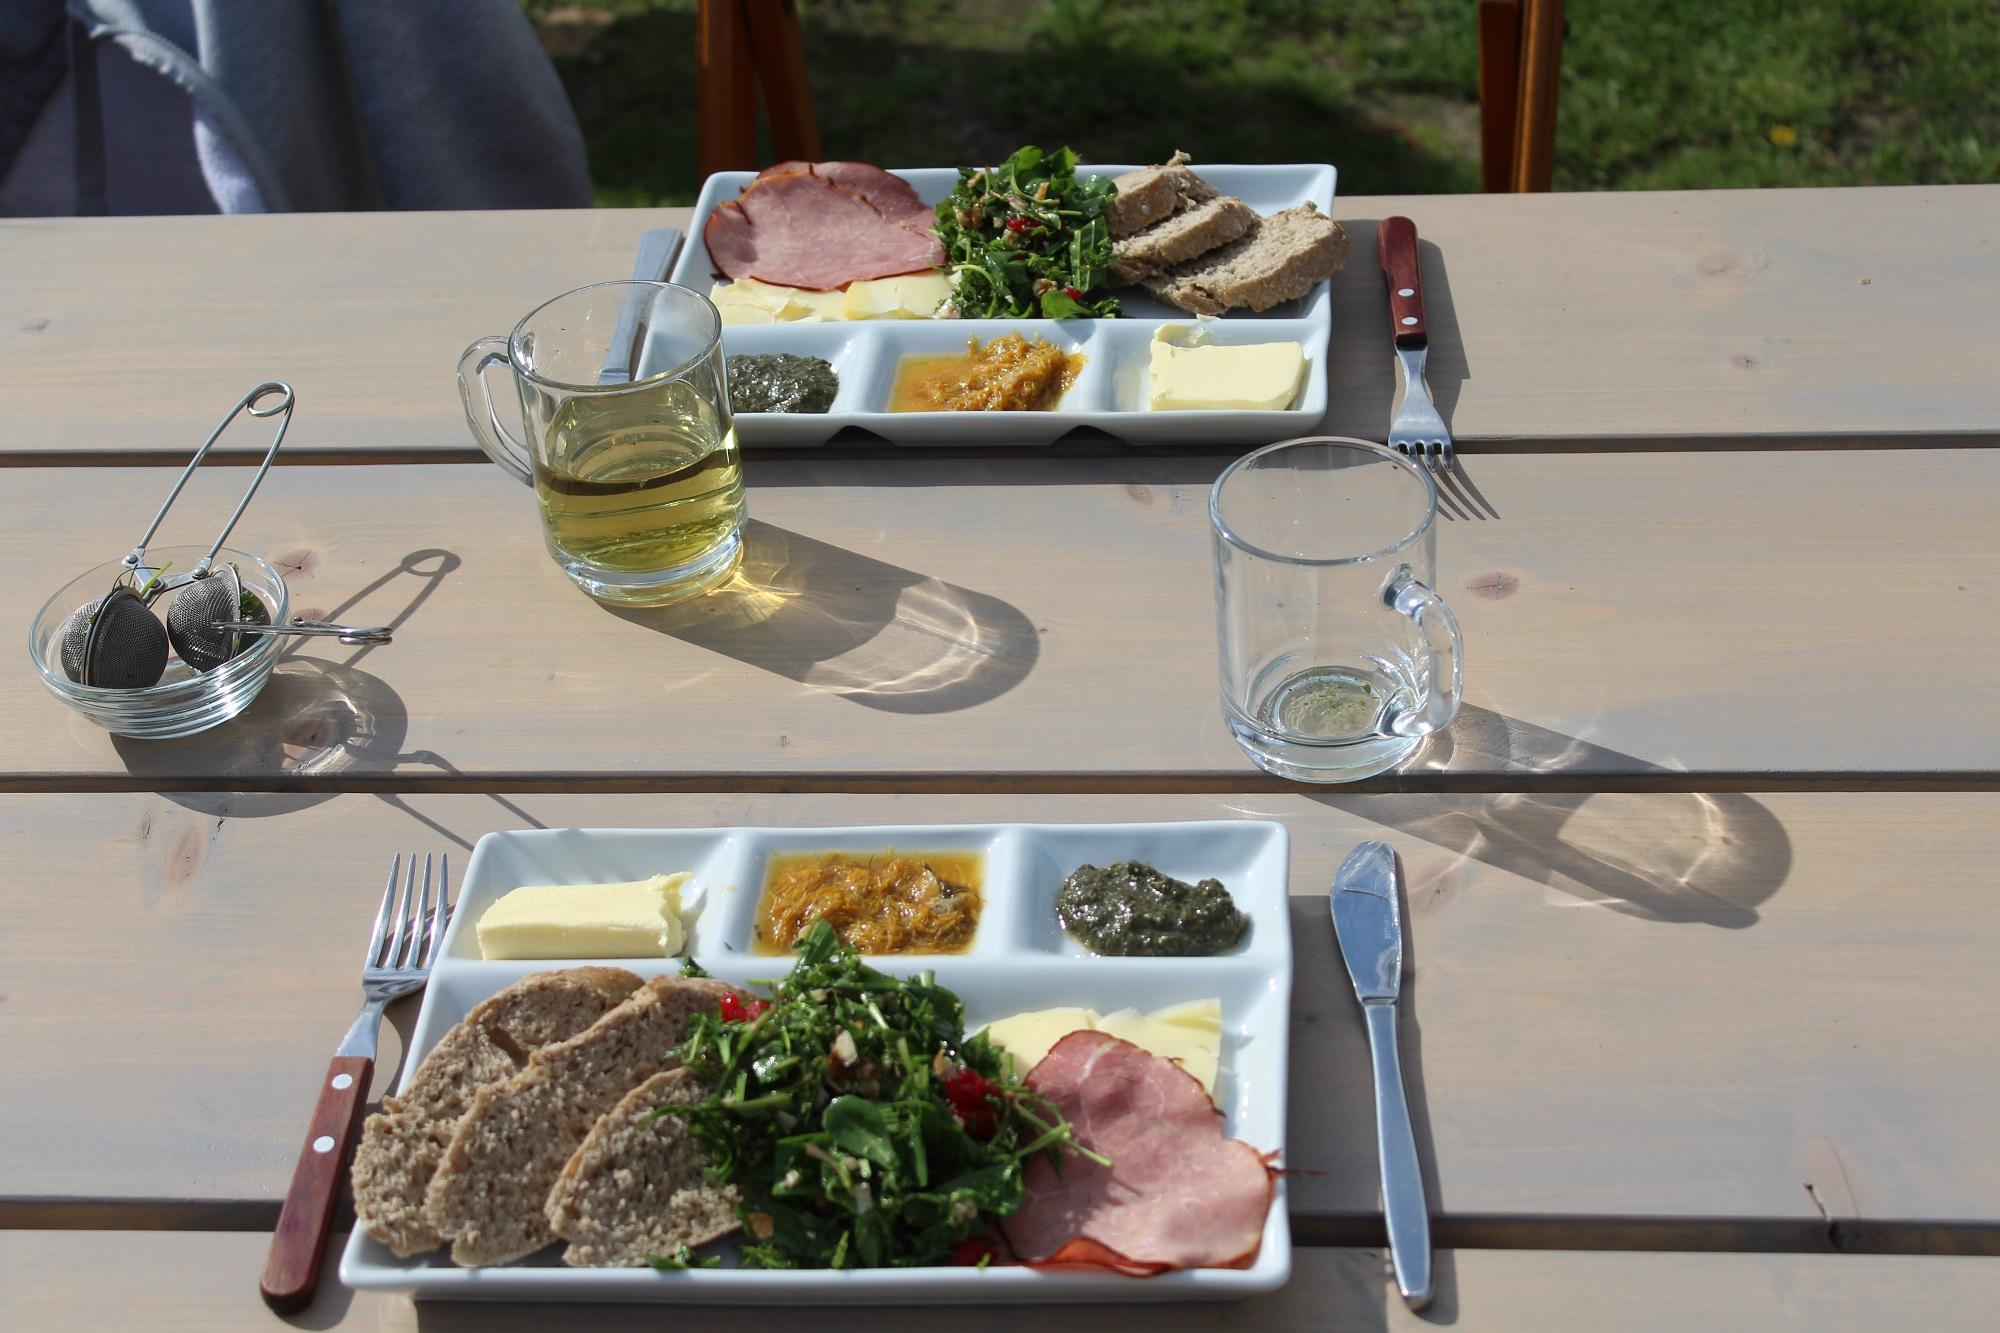 natuur eten lunch Texel groepsuitje bedrijfsuitje outdoor cooking